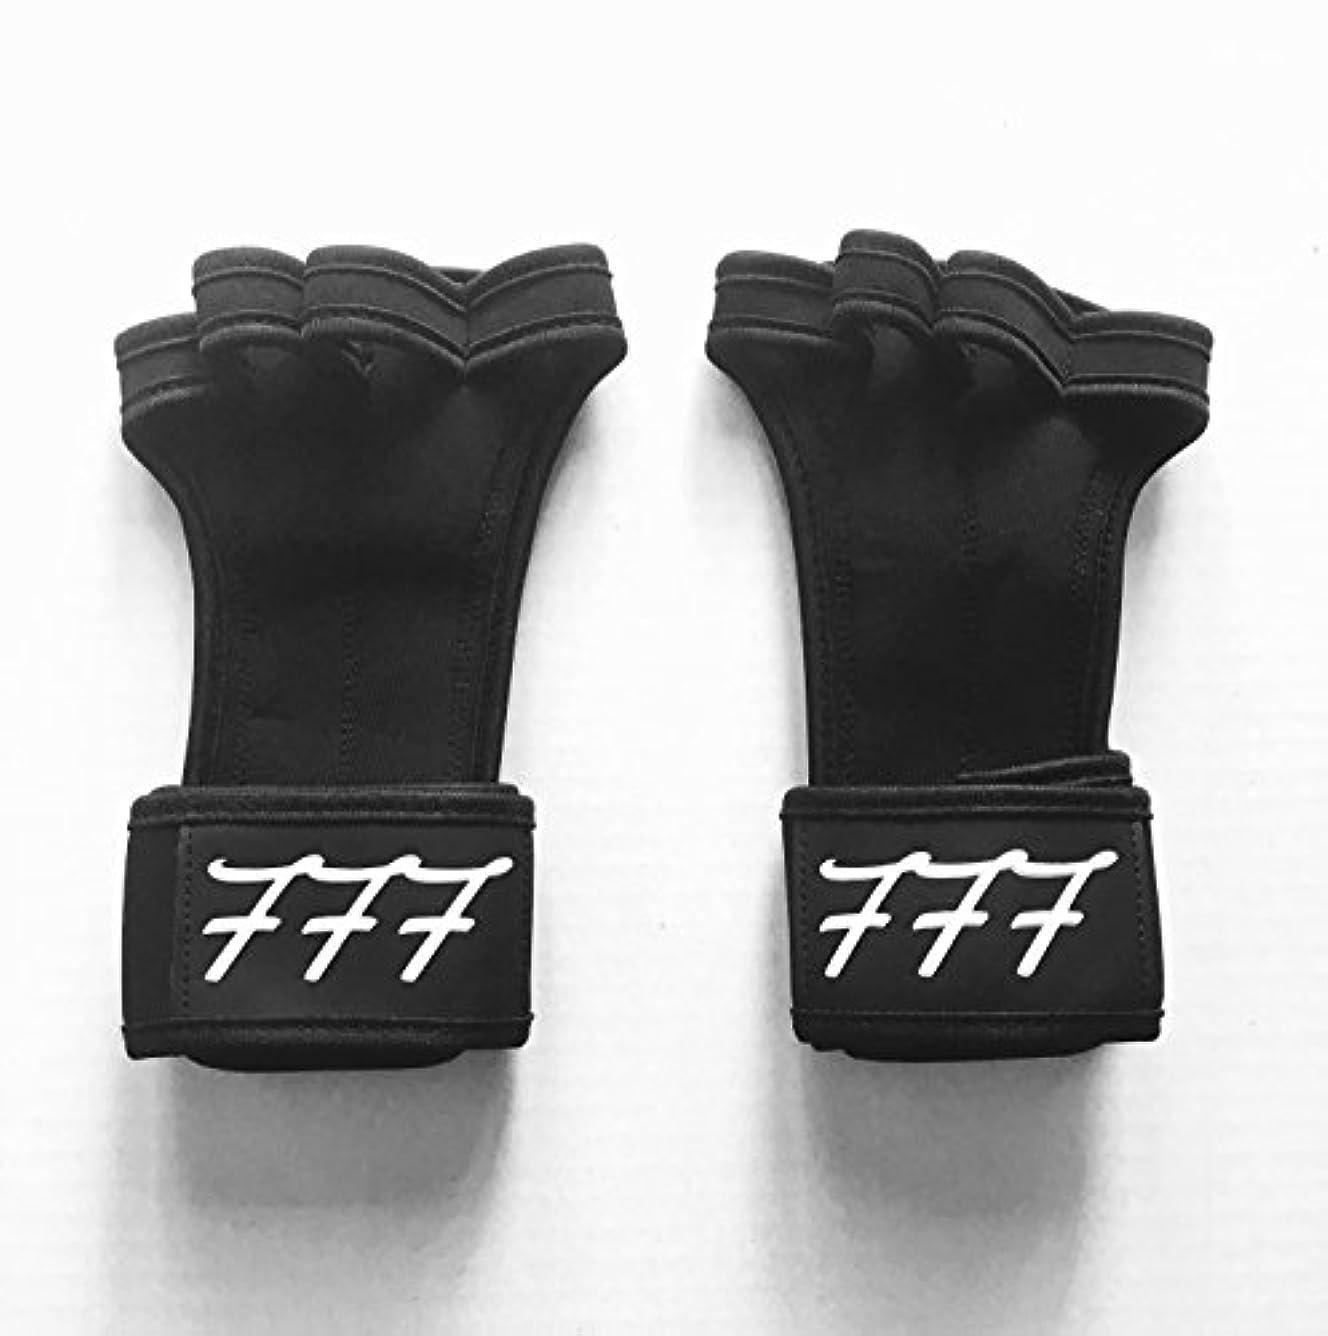 寝室を掃除する投資クスコ777ワークアウト用手袋Weighlifting、抱く、クロスフィット、HIITトレーニング、 – ボーナスeBook – シリコンパディングを防ぐために裂ける – anti-stink – 手首サポート